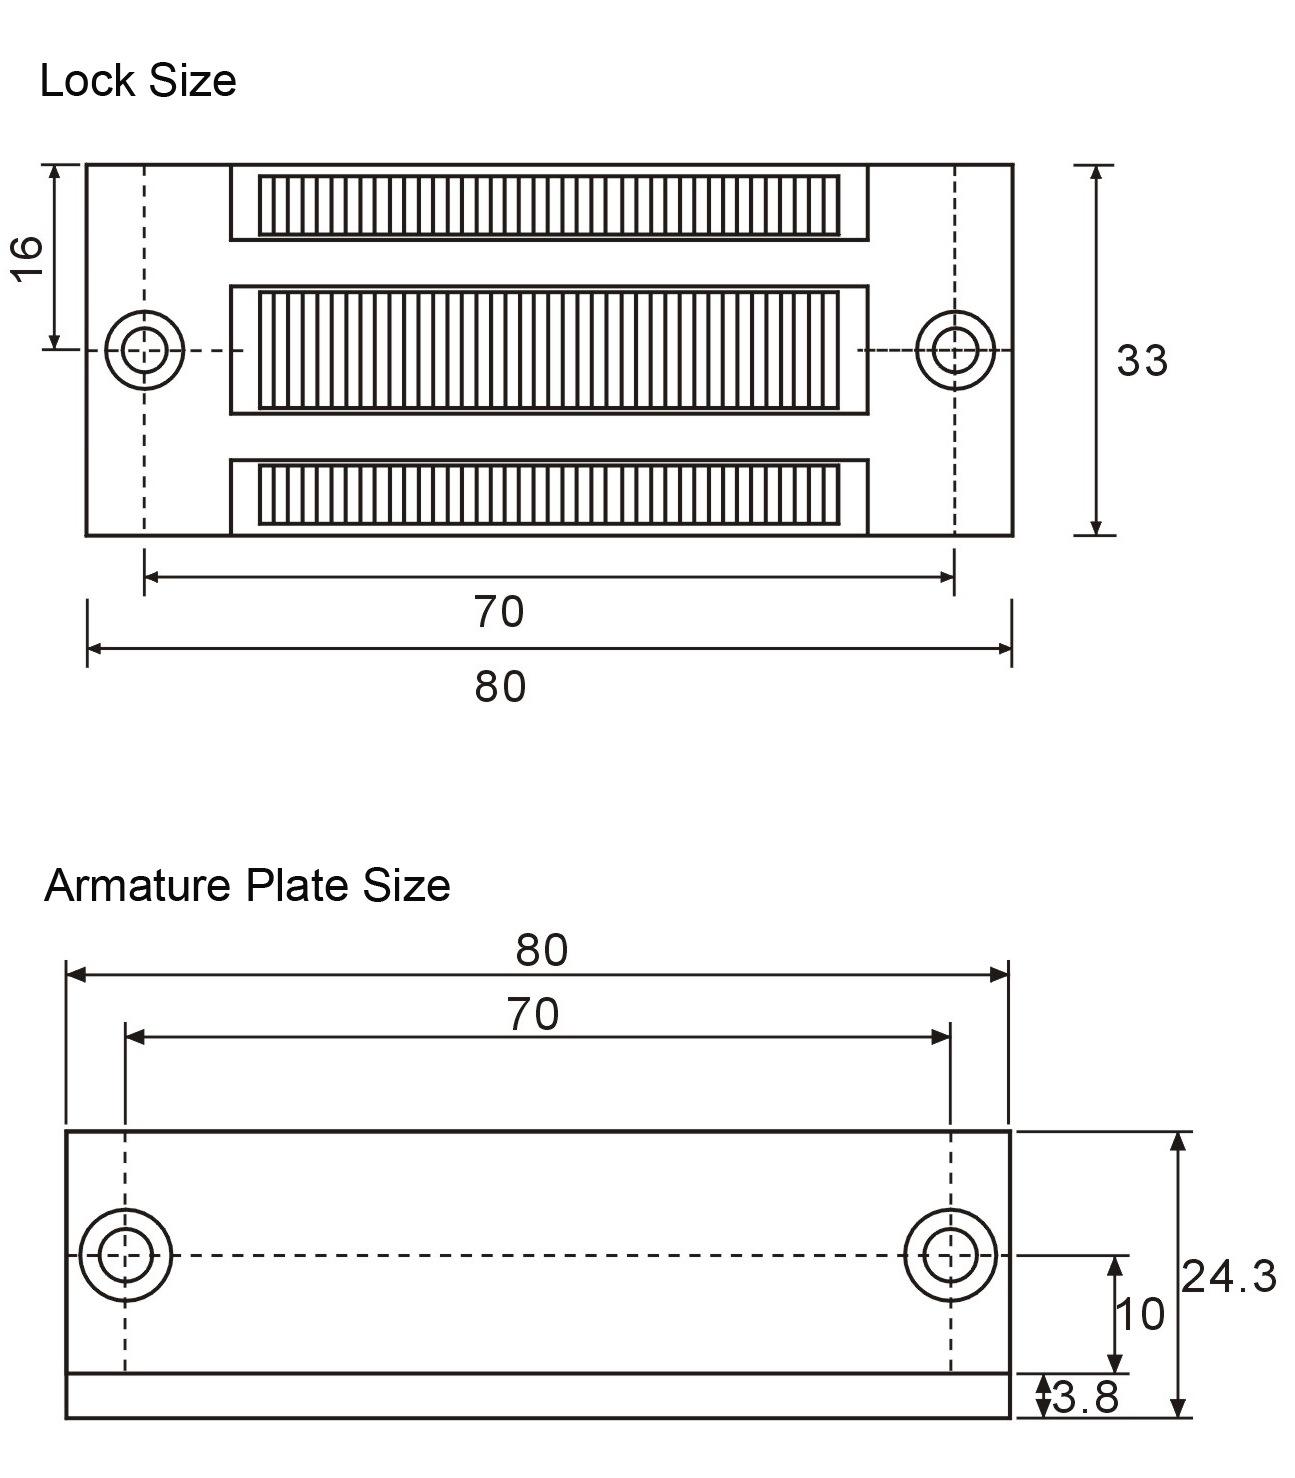 磁力锁GS60产品尺寸图